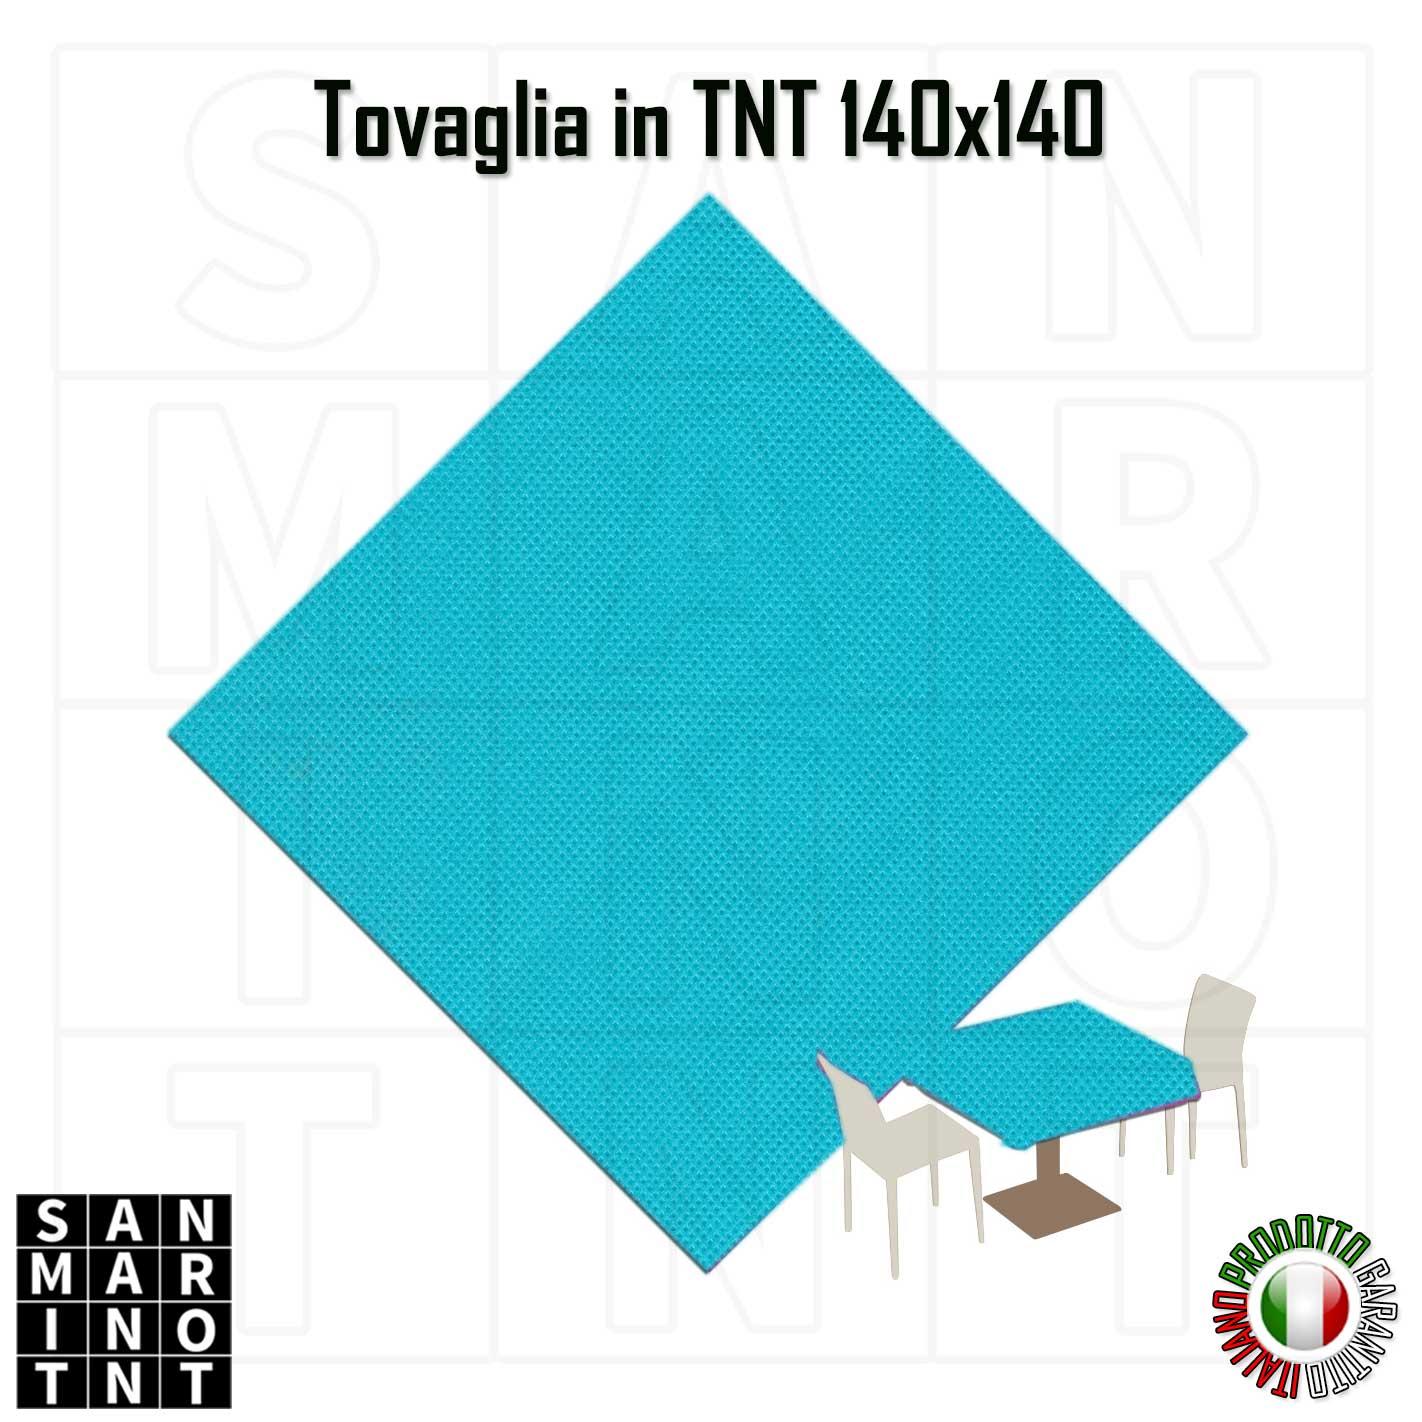 Tovaglia 140x140 in tnt colore Blu Tiffany